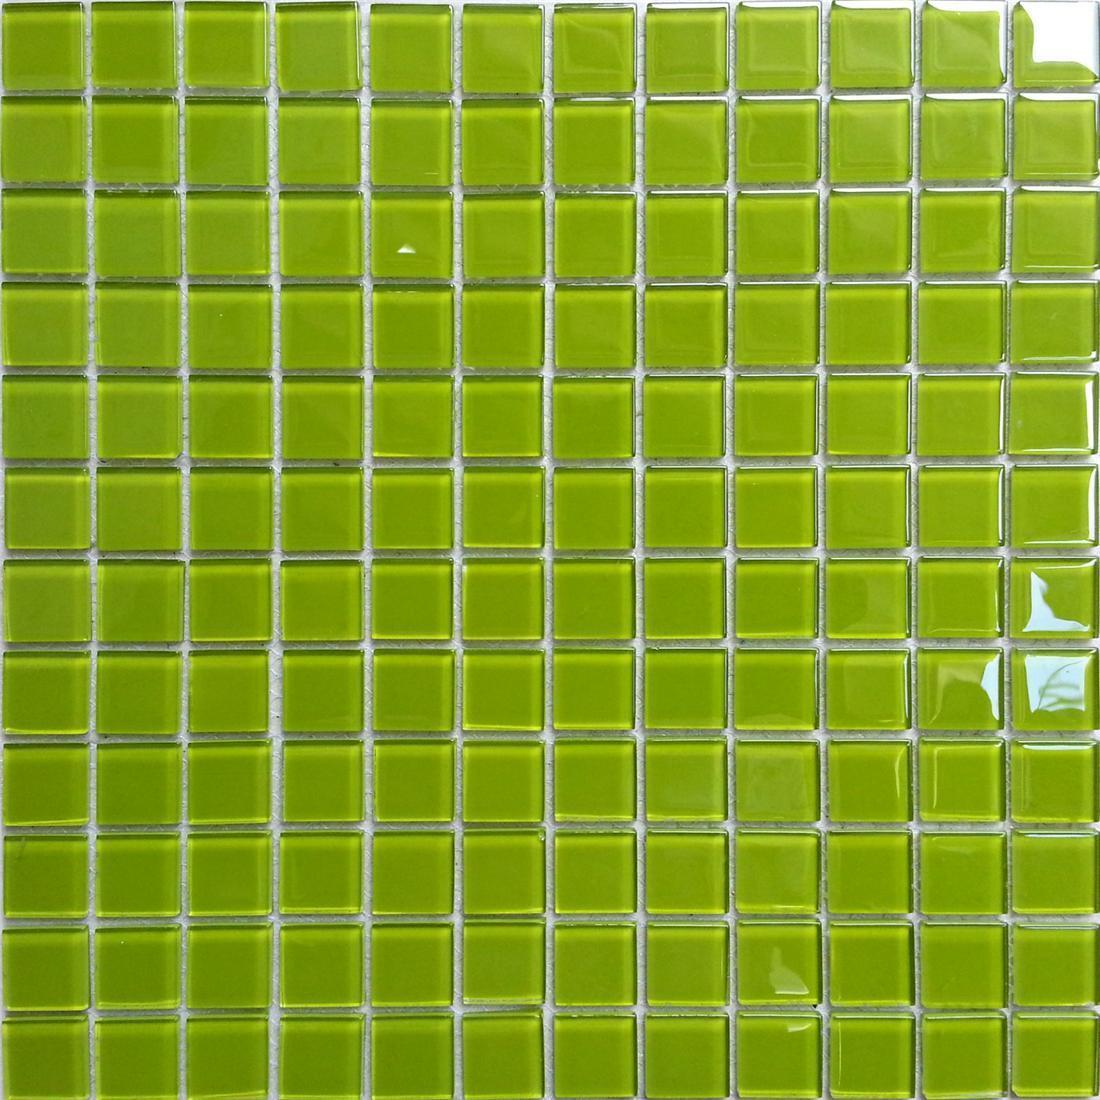 1 SQM Glass Mosaic Wall Tiles (300x300x4mm) GTR10023 m2